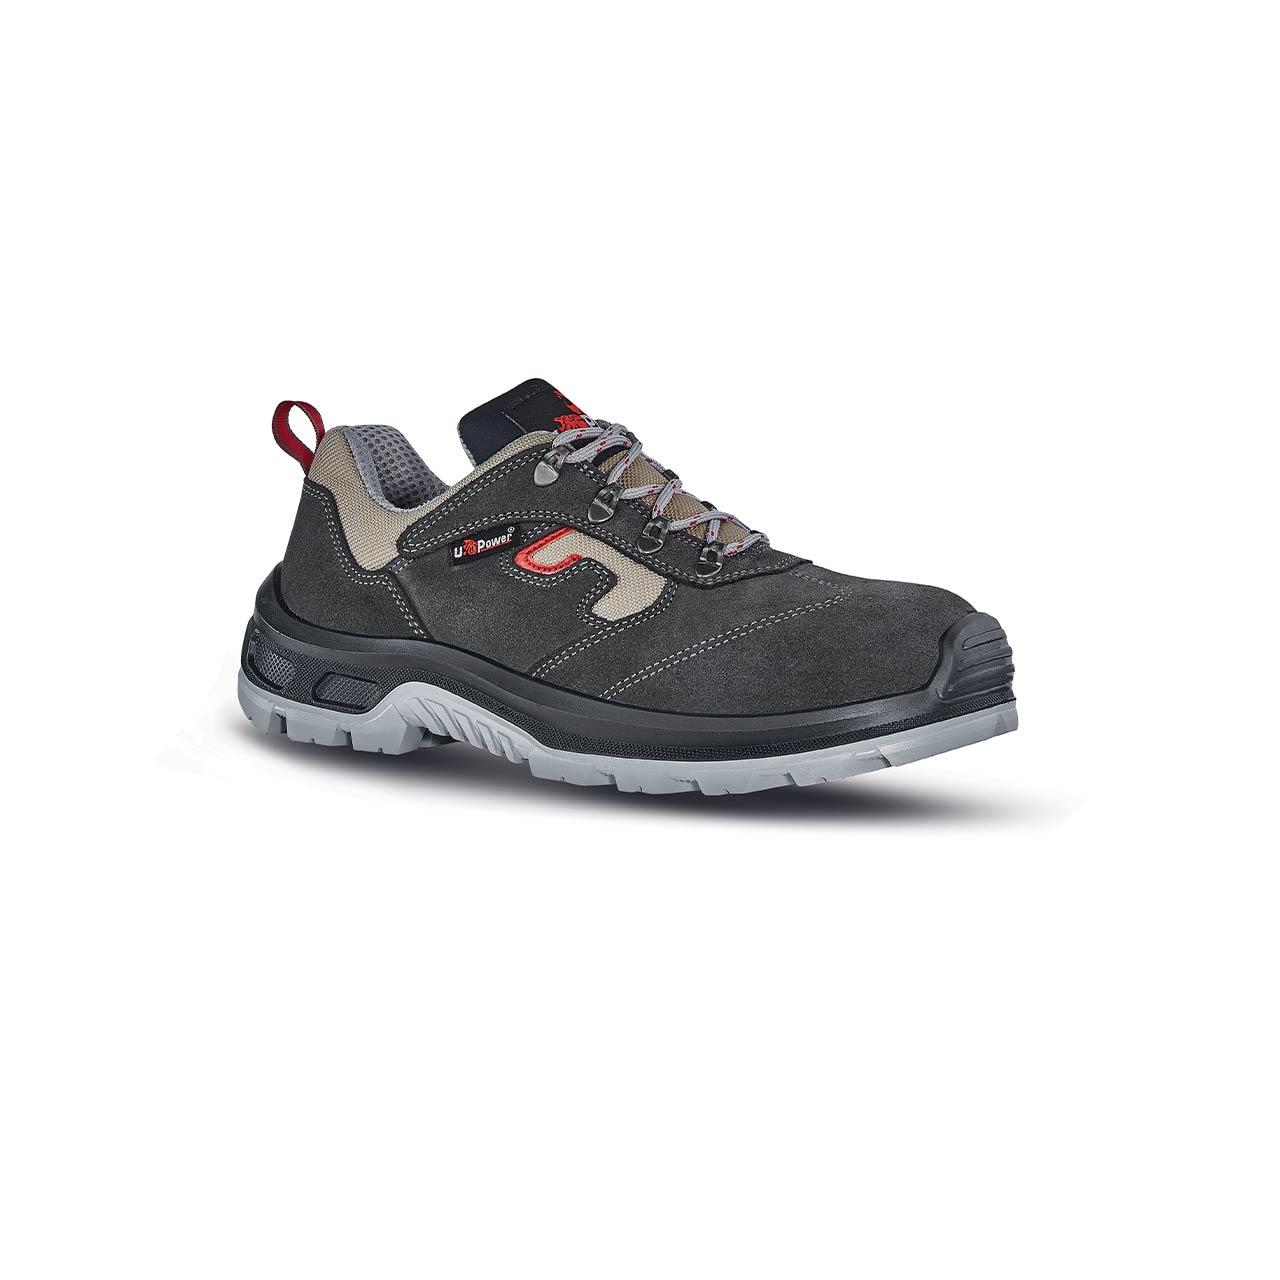 scarpa antinfortunistica upower modello control linea stepone vista laterale